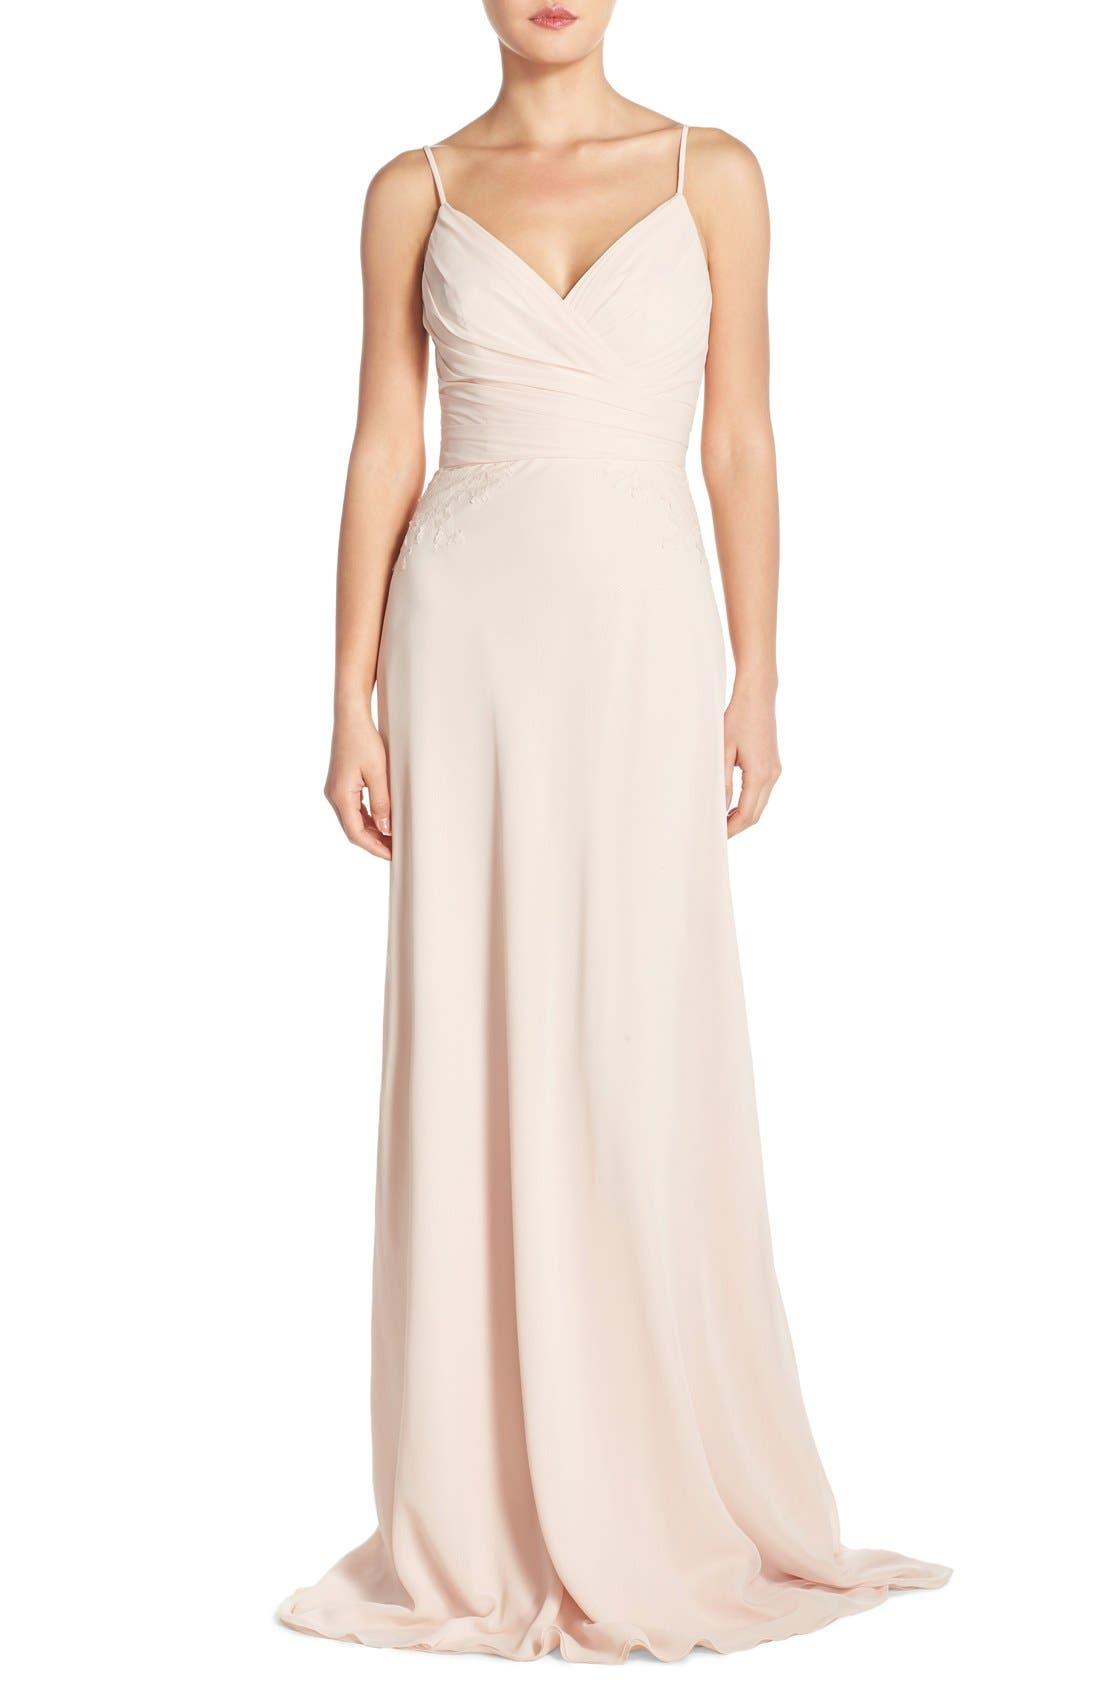 Main Image - Monique Lhuillier Bridesmaids Lace Trim Chiffon Surplice Gown